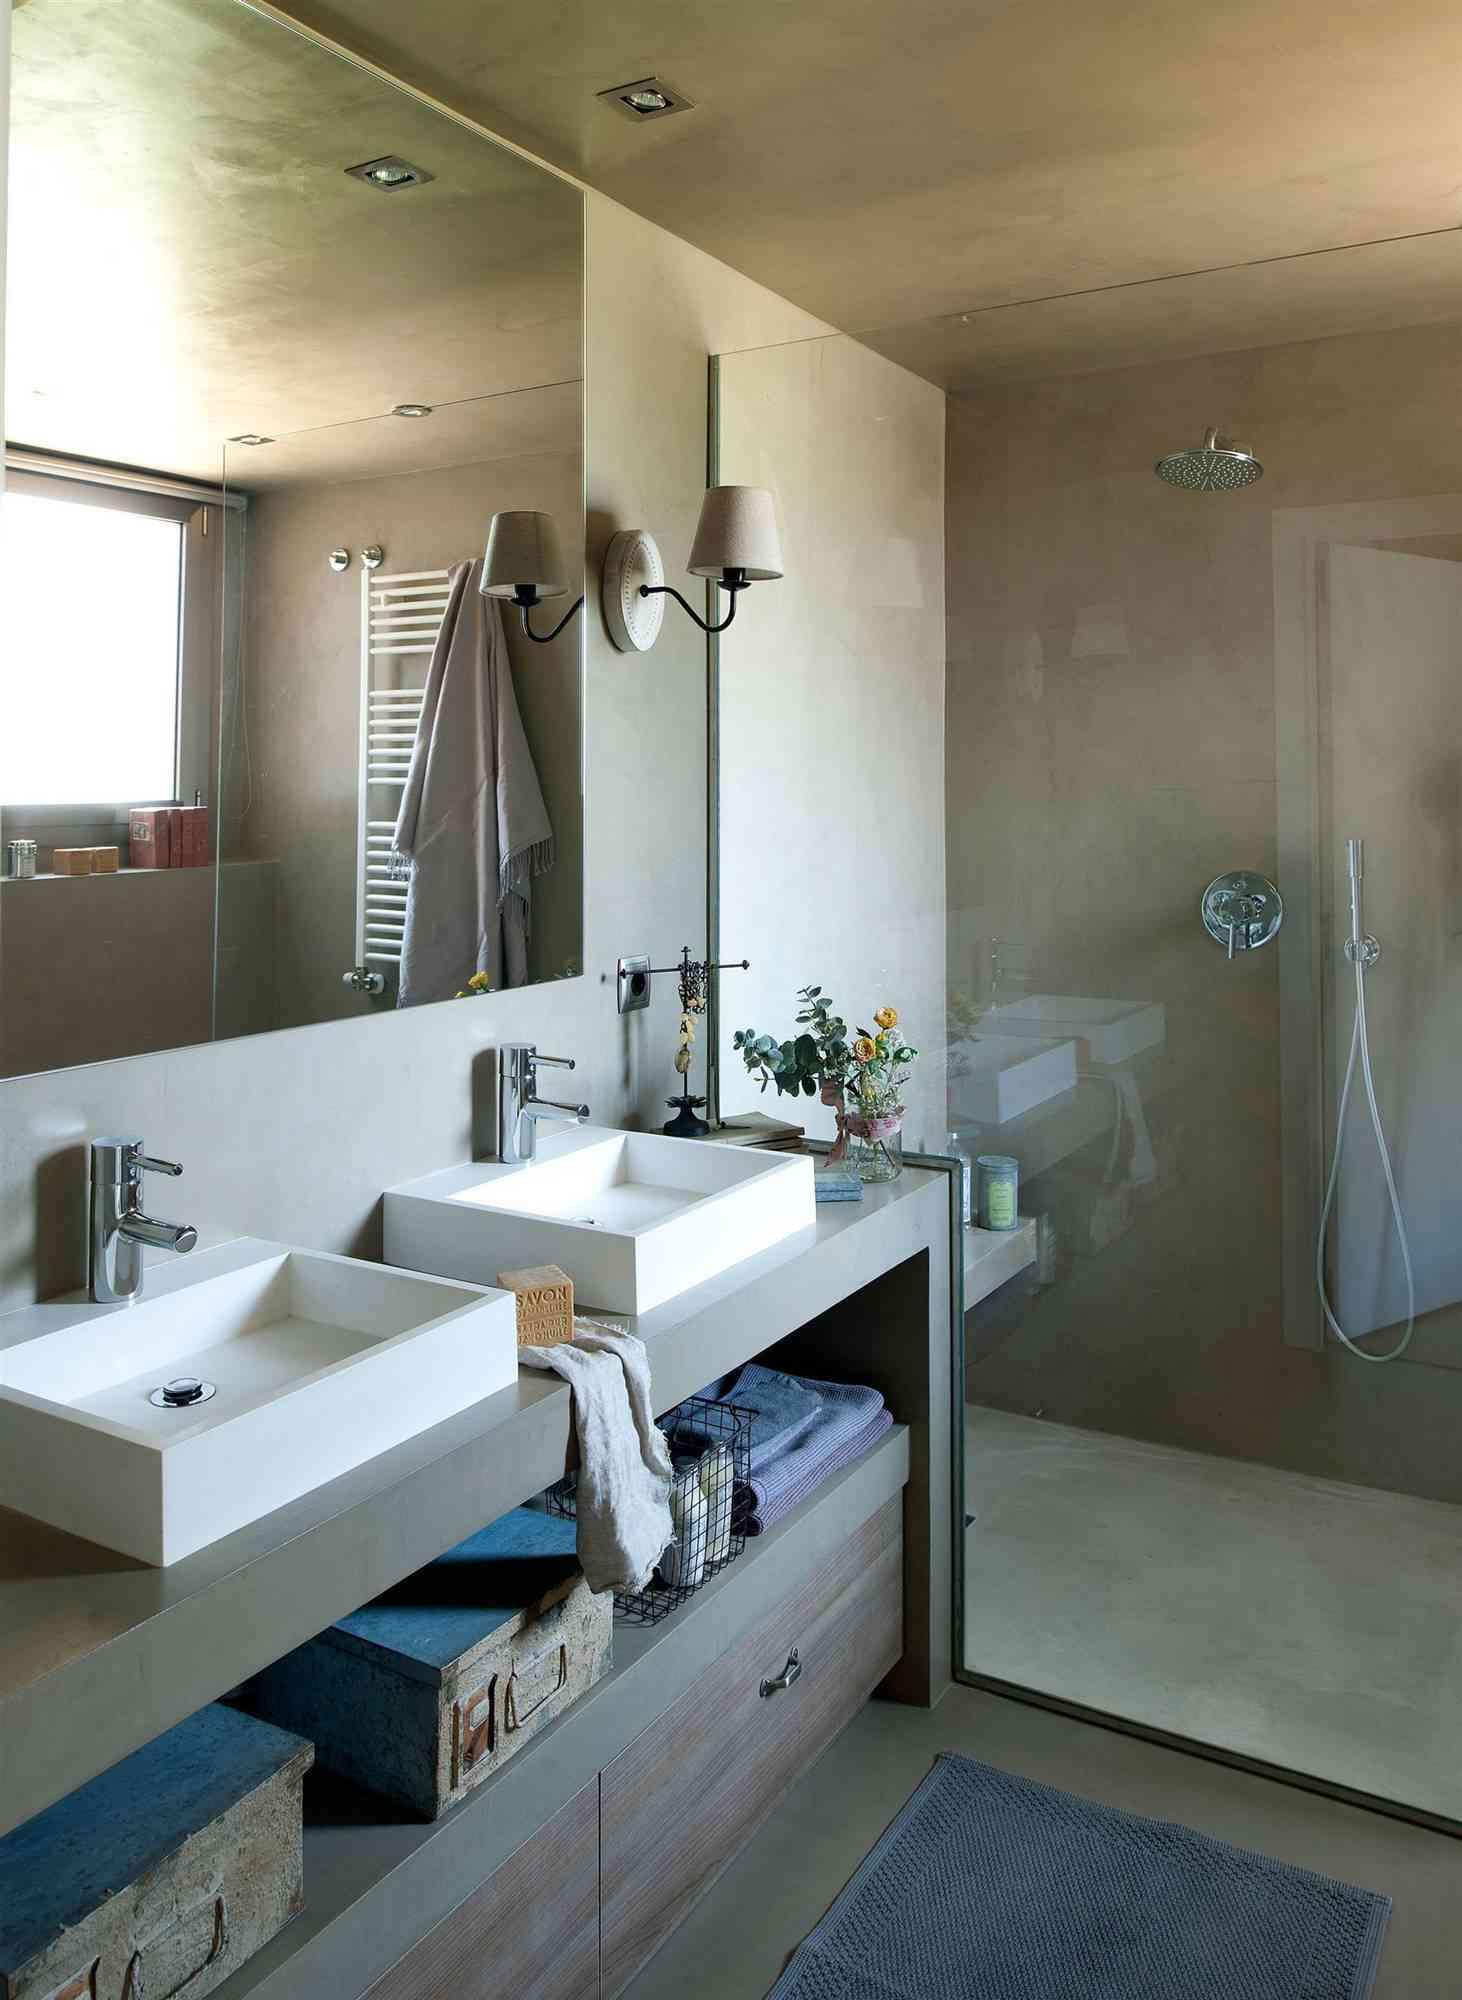 9 bano con ducha revestida de microcemento y lavabo doble fontaneros madrid reparaciones urgentes madrid